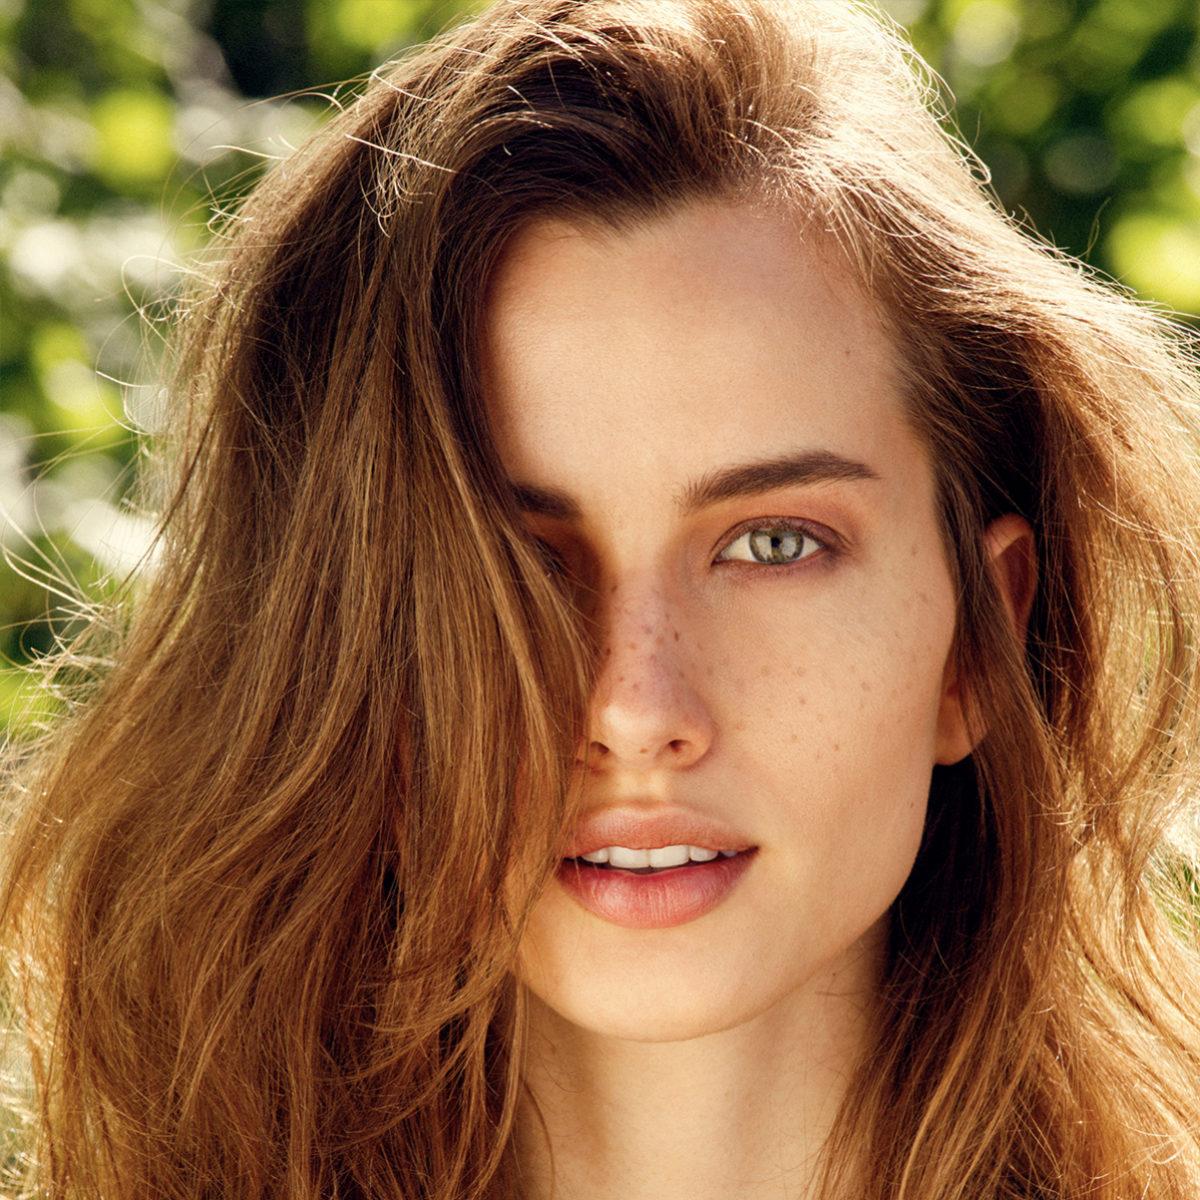 Los nutricosméticos te pueden ayudar a tener una piel bonita.